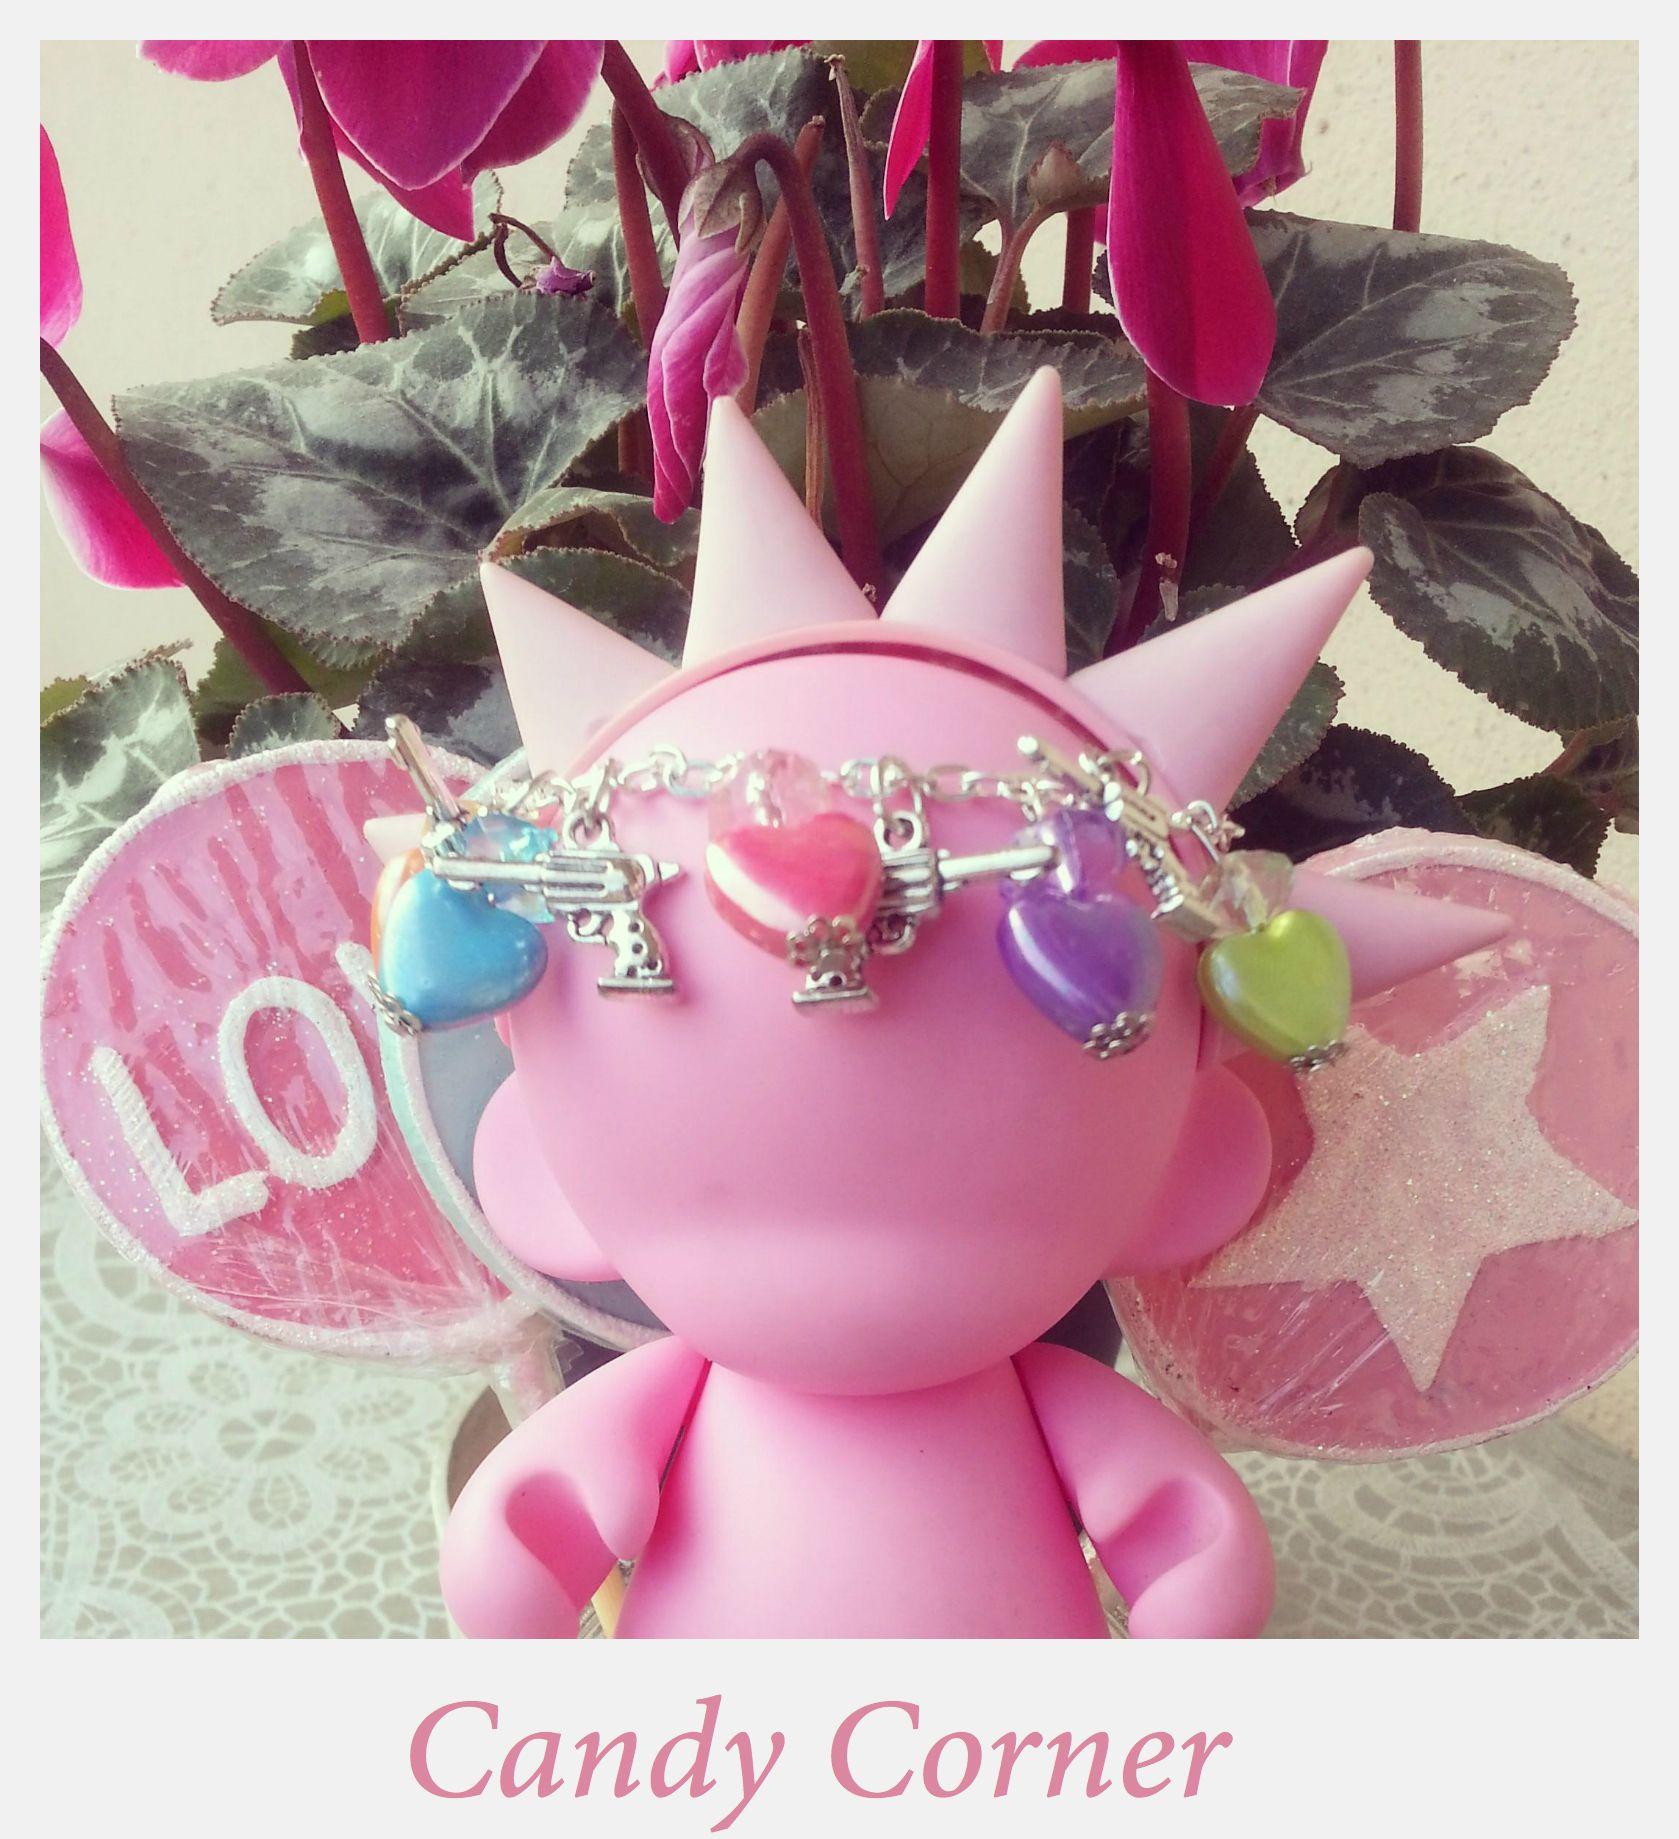 """Love can Kill Collection""""""""̿ ̿ ̿ ̿ ̿'̿'\̵͇̿̿\з=(•̪●)=ε/̵͇̿̿/'̿'̿ ̿ ̿̿ ̿ ̿"""""""" ✿ BJ 4 #bracelet with colorful #hearts & mini #guns ✿"""